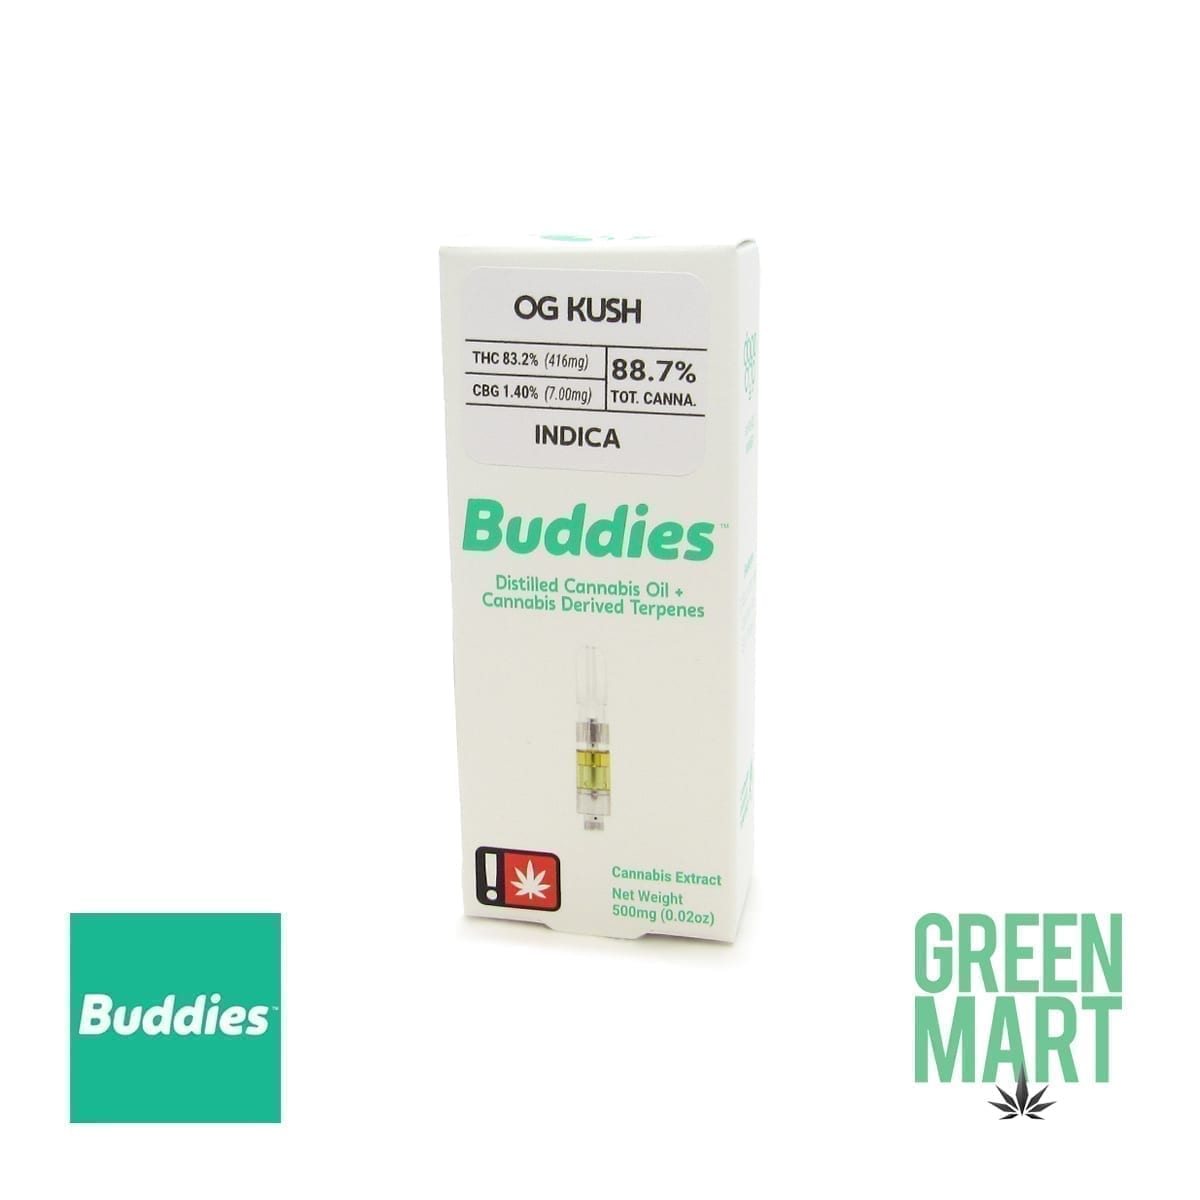 Buddies Brand Distillate Cartridge - OG Kush